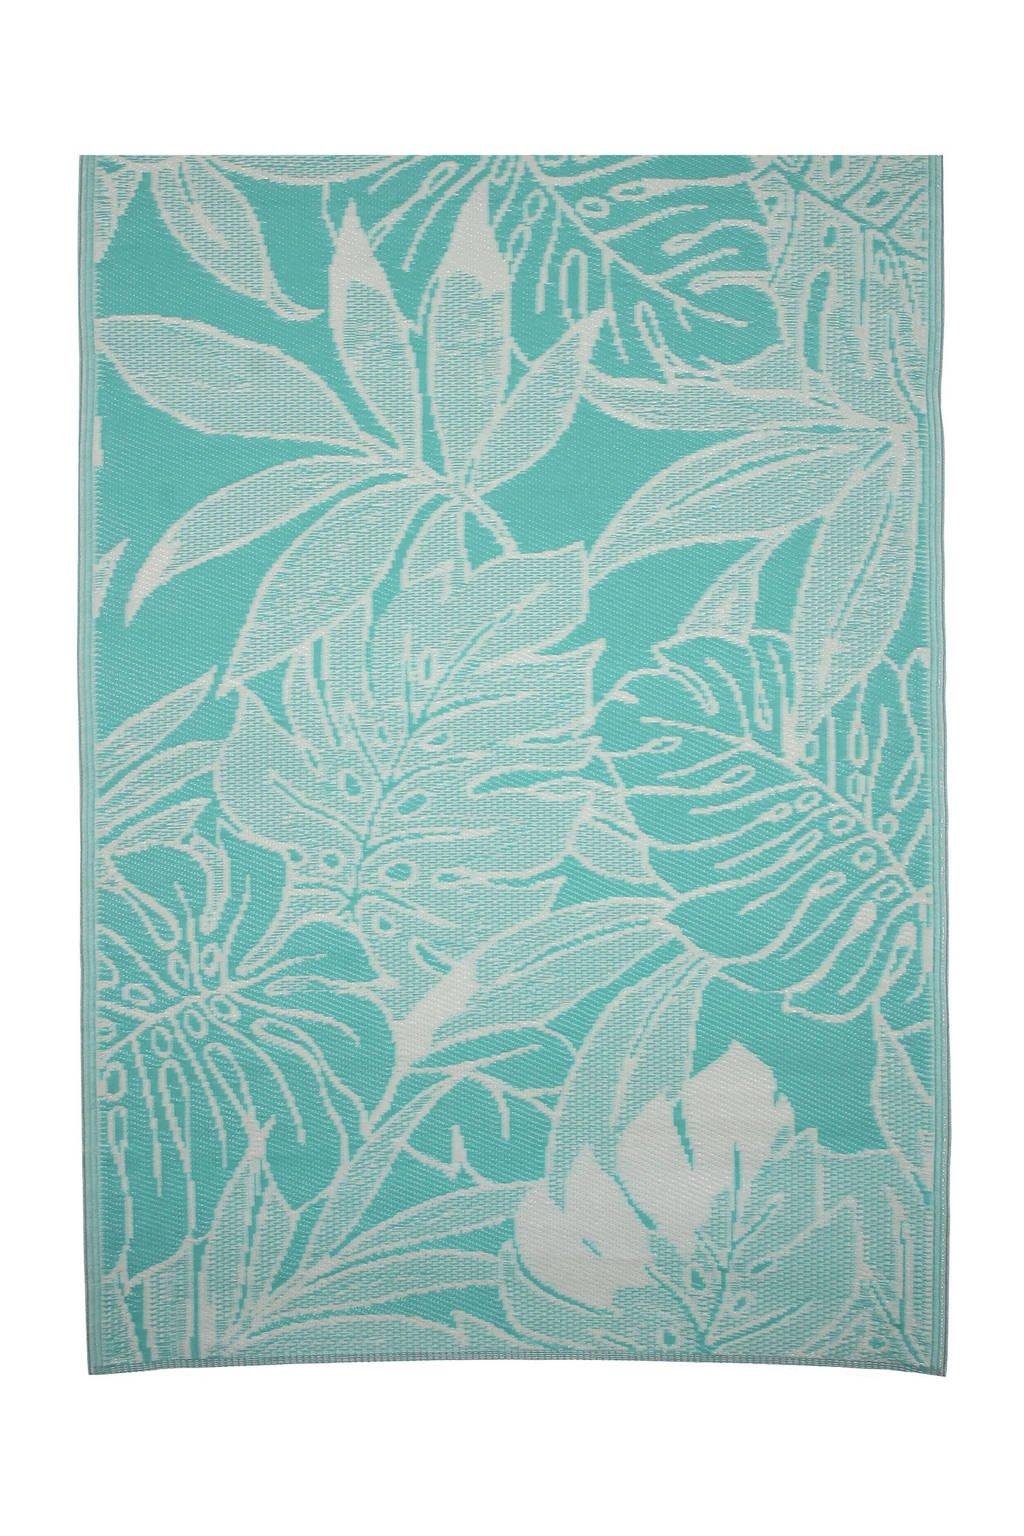 Mica Decorations vloerkleed (180x120 cm), Turquoise